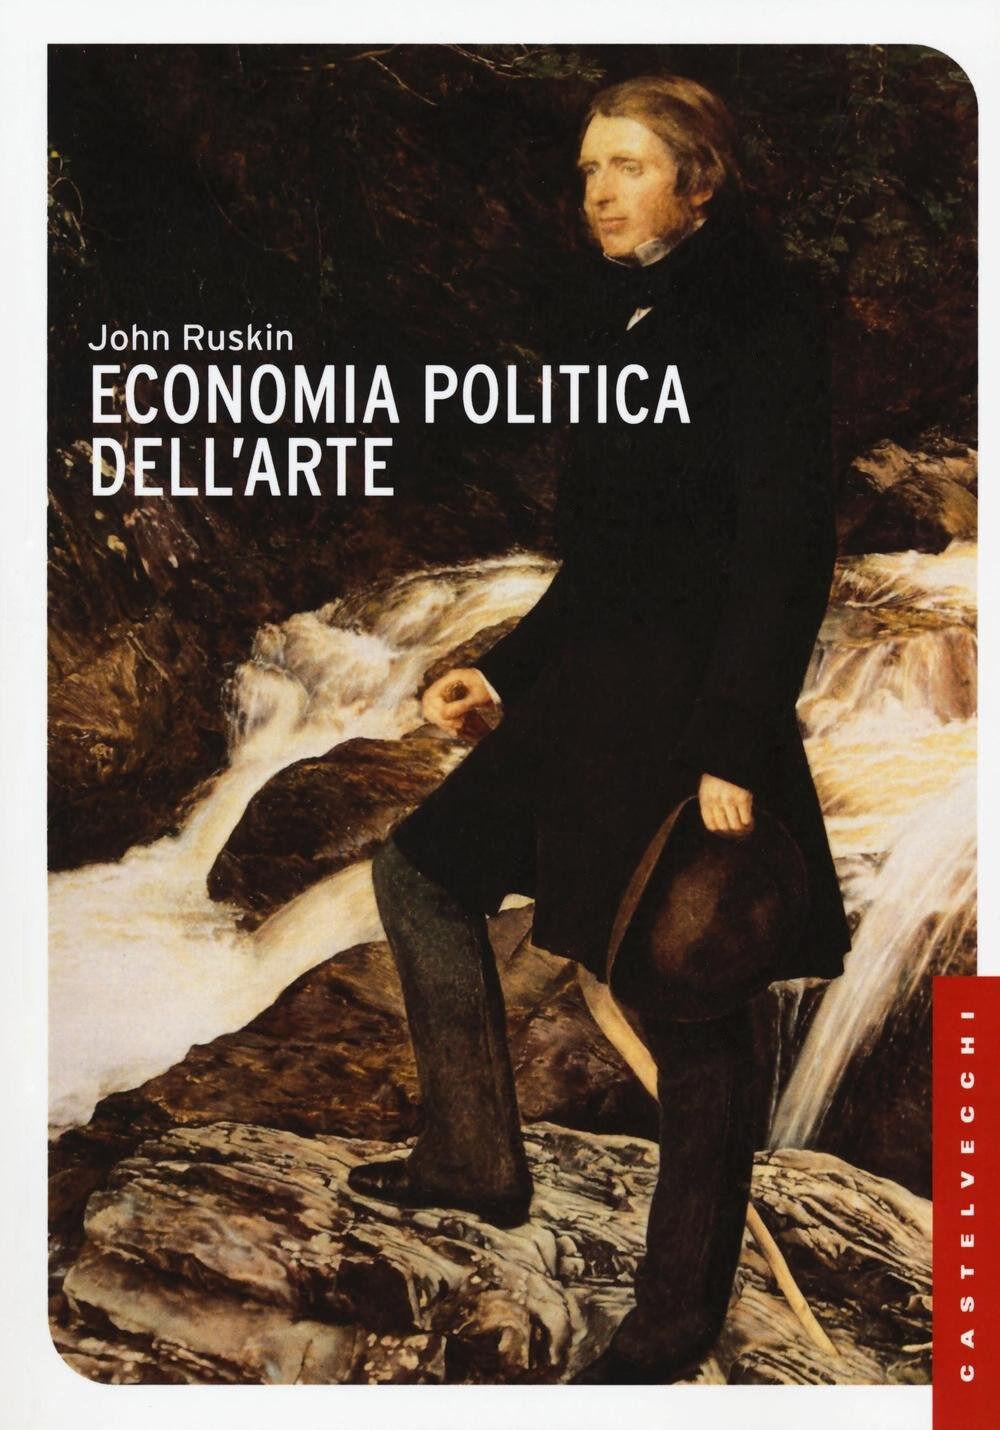 Economia politica dell'arte